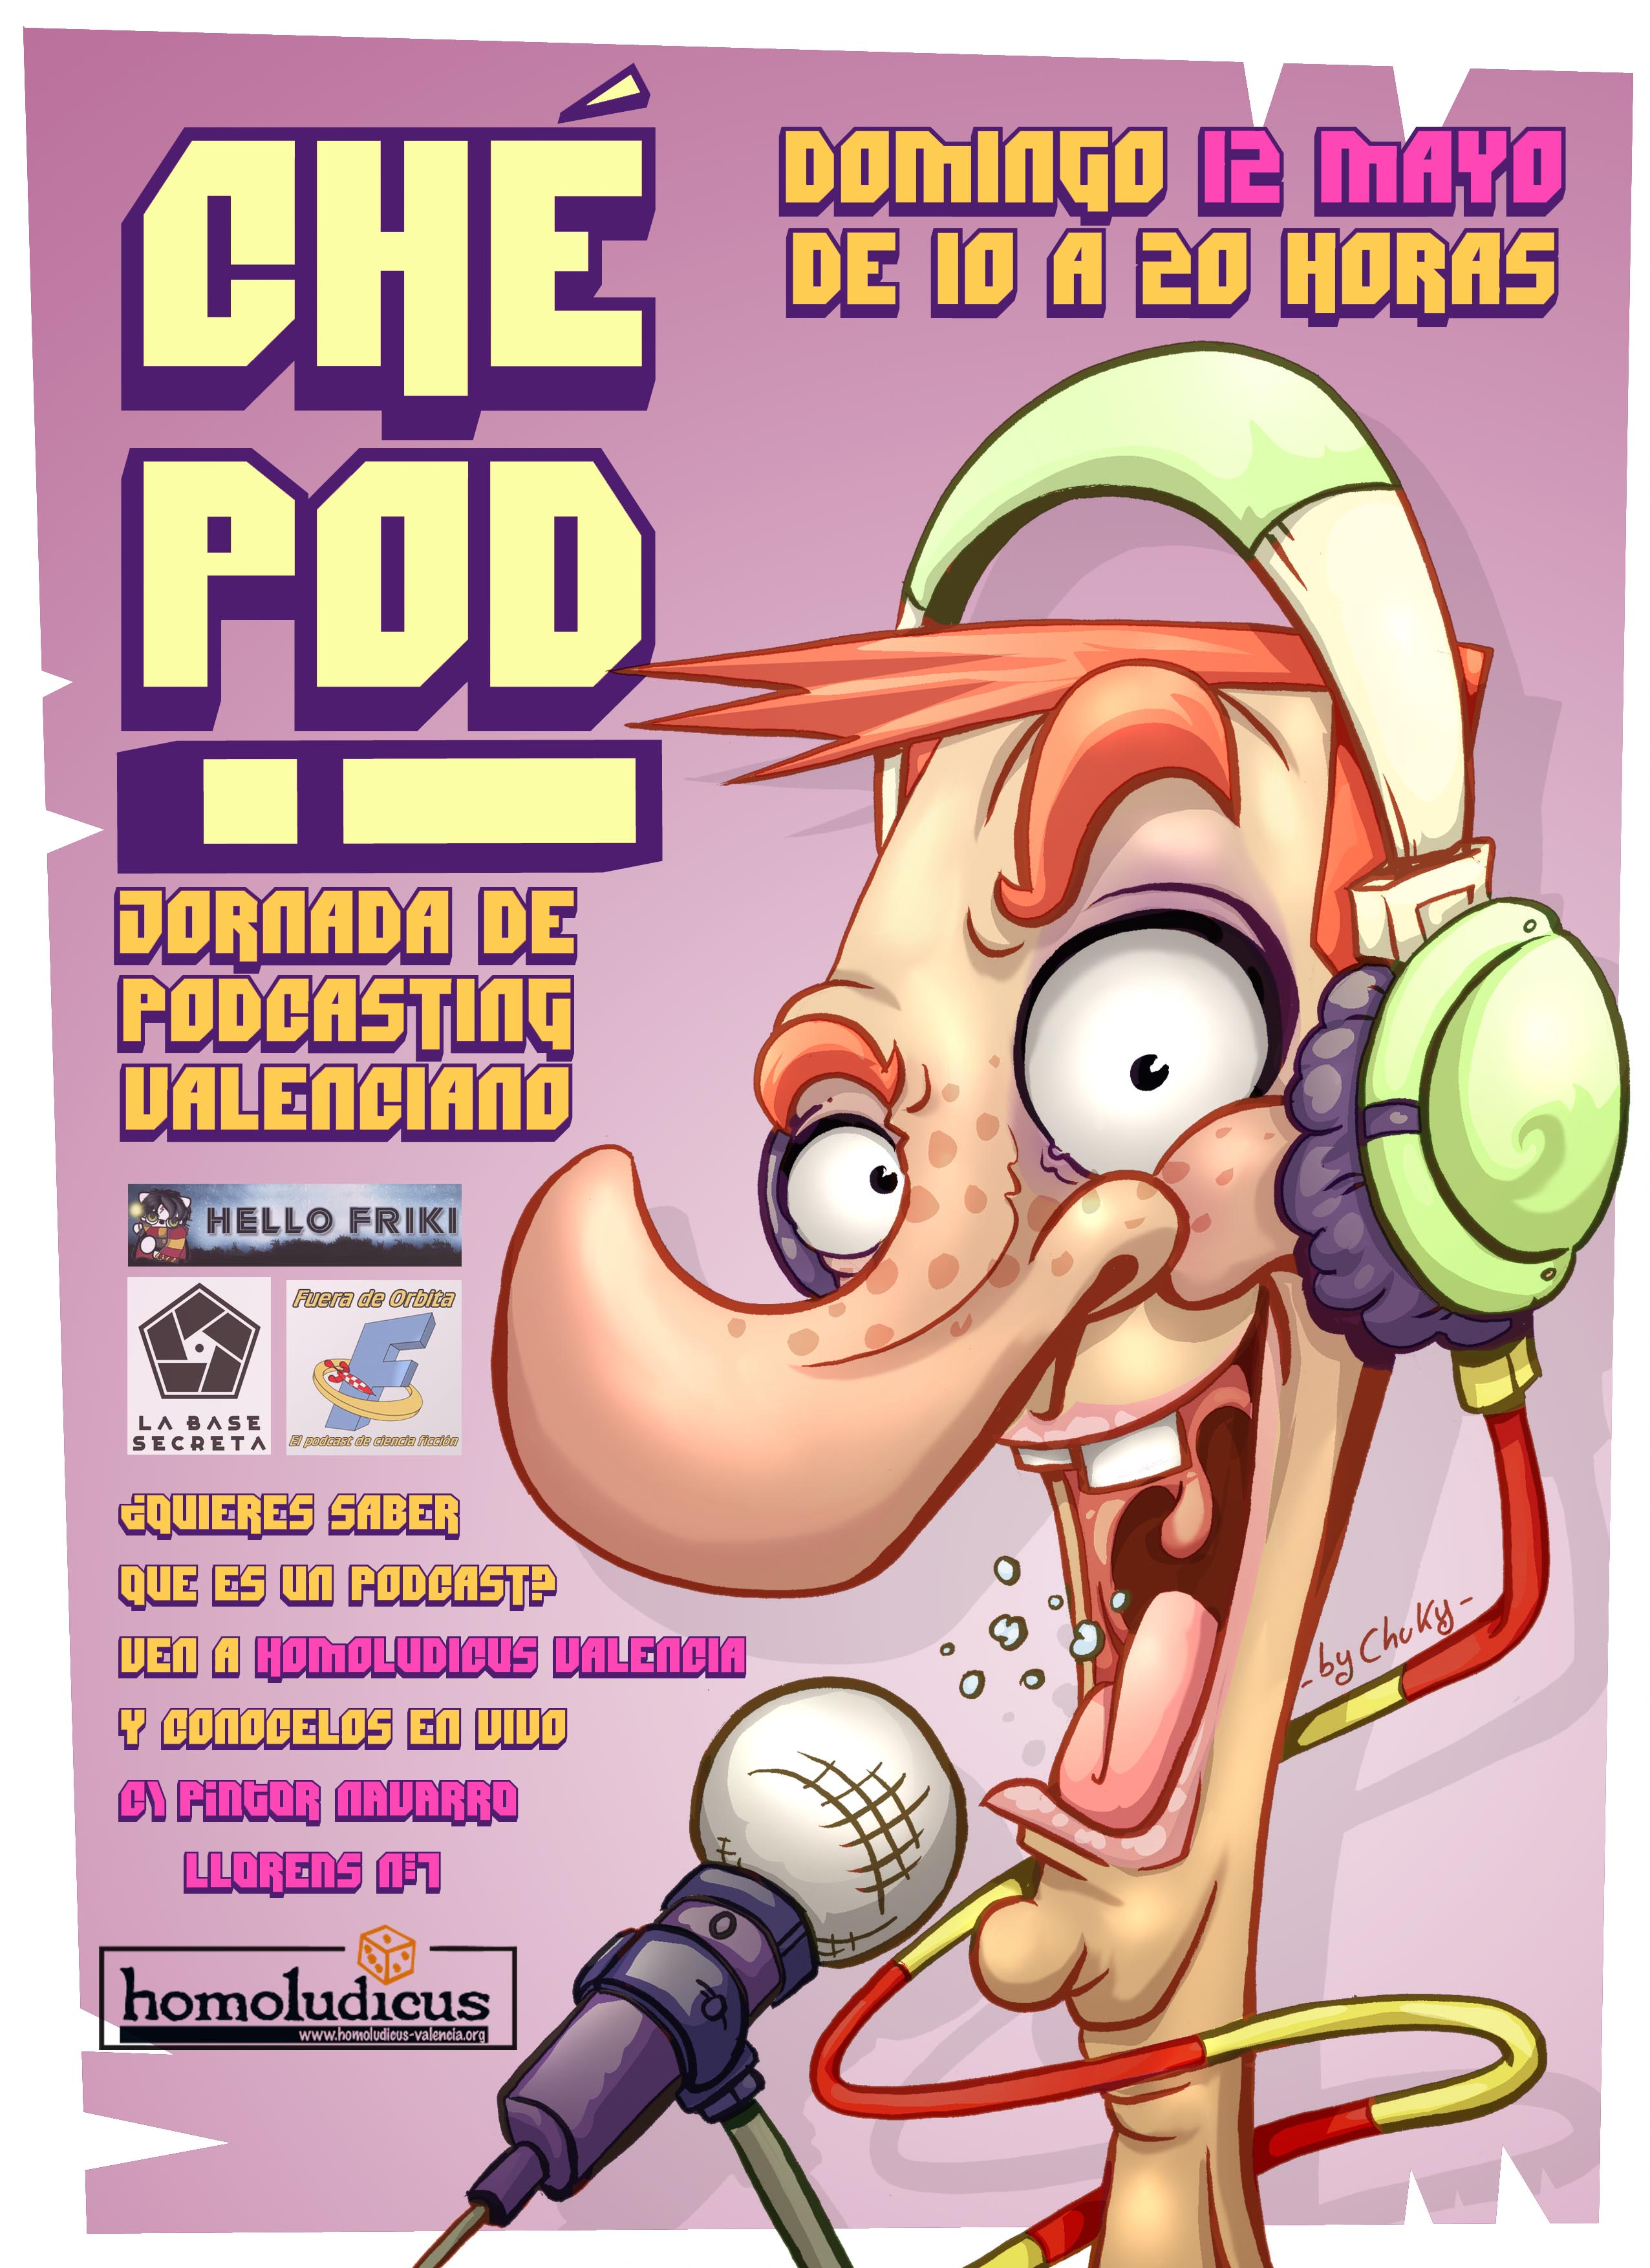 Póster oficial de la primera jornada de podcasting valenciano ó Ché-Pod.